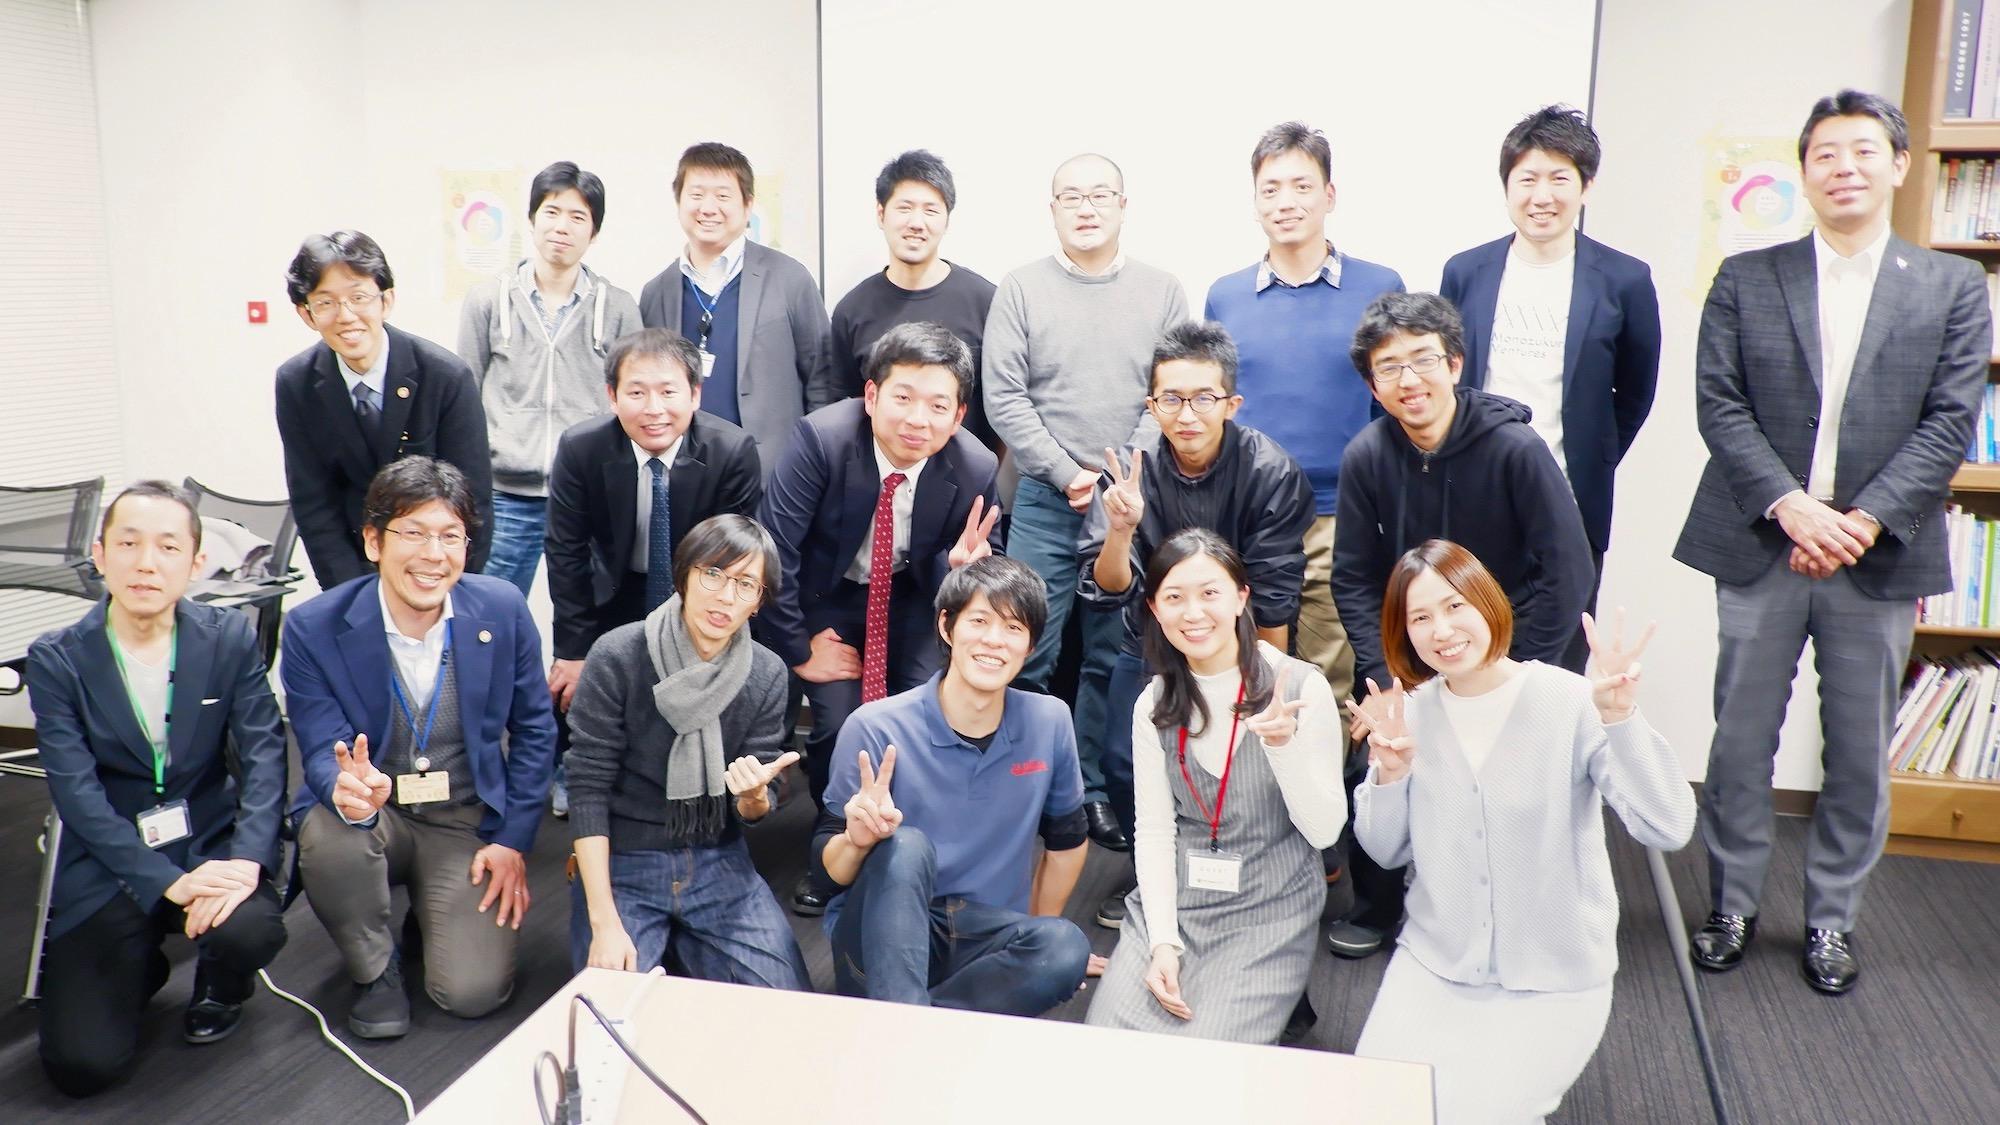 【京都をつなげる30人 1期 オープンセッション】〜京都を移動しやすくチーム編〜